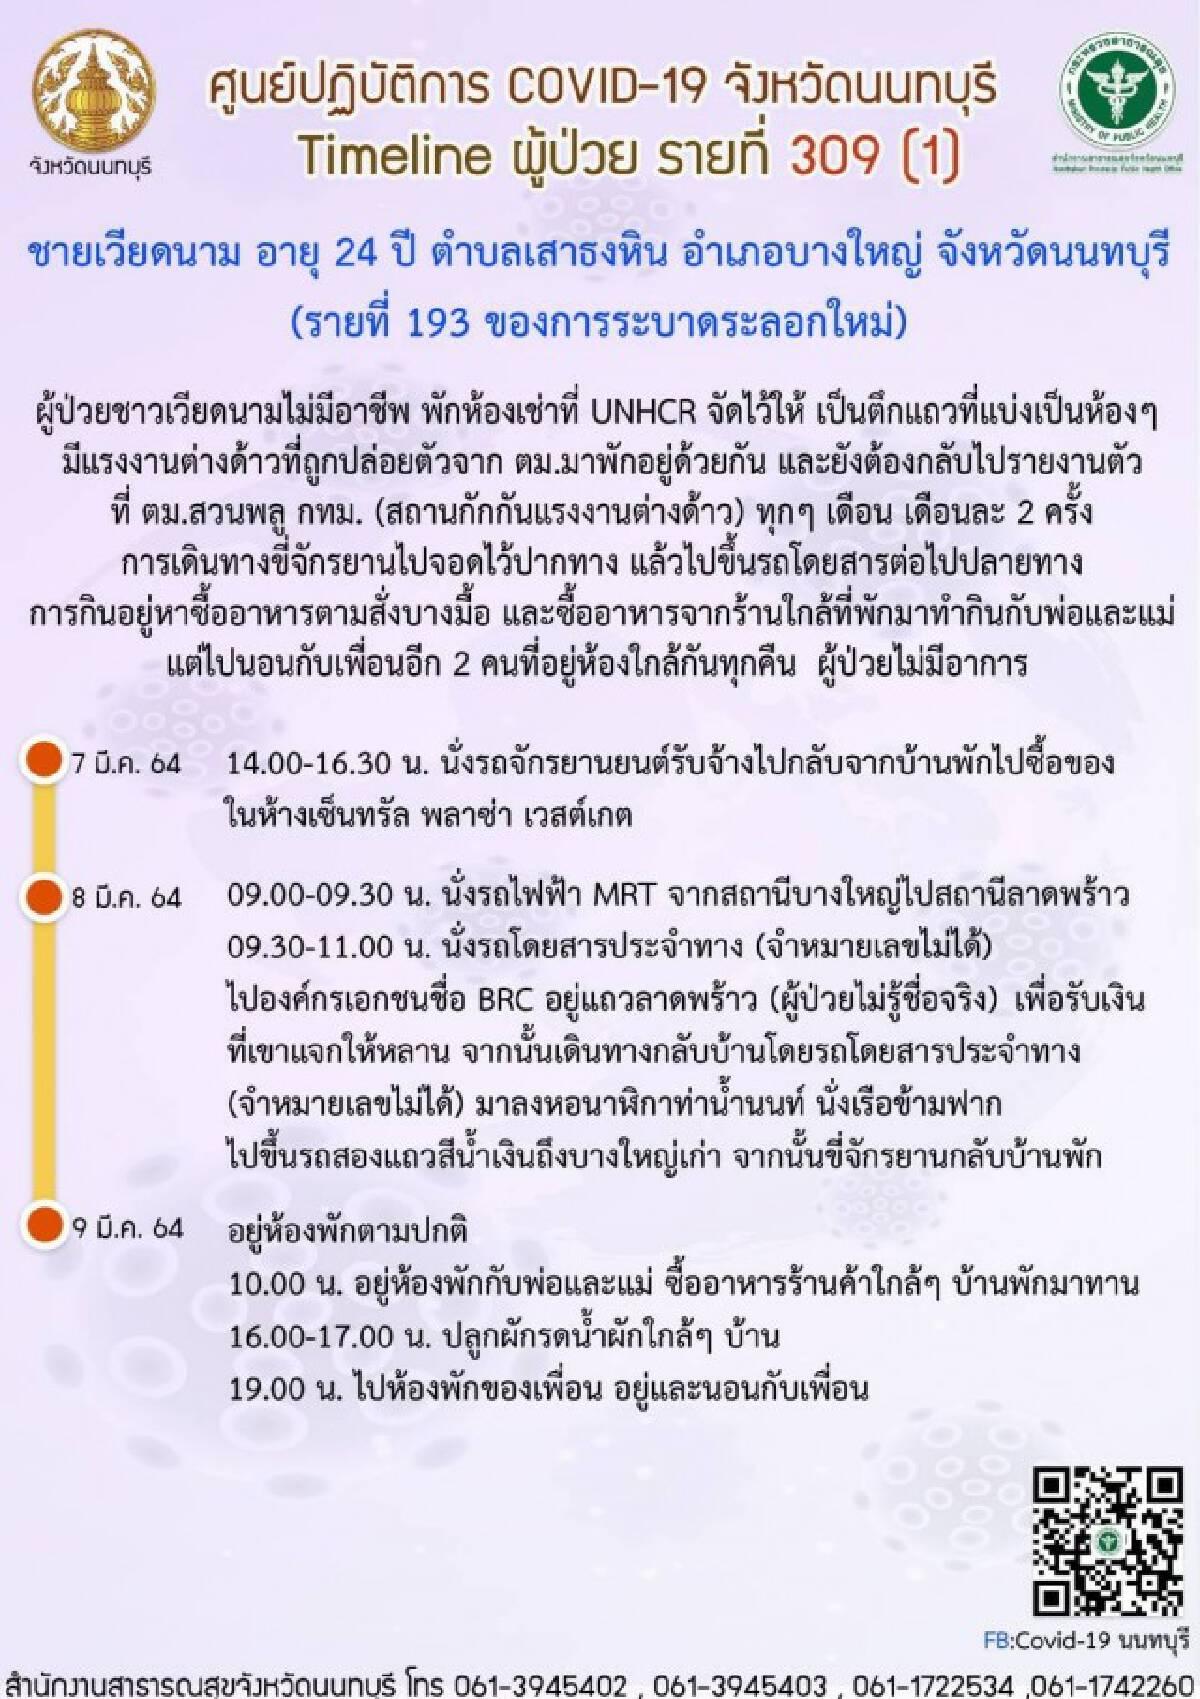 เปิดไทม์ไลน์ 2 ชาวเวียดนาม ติดโควิด ตม.บางเขน-ตม.สวนพลู